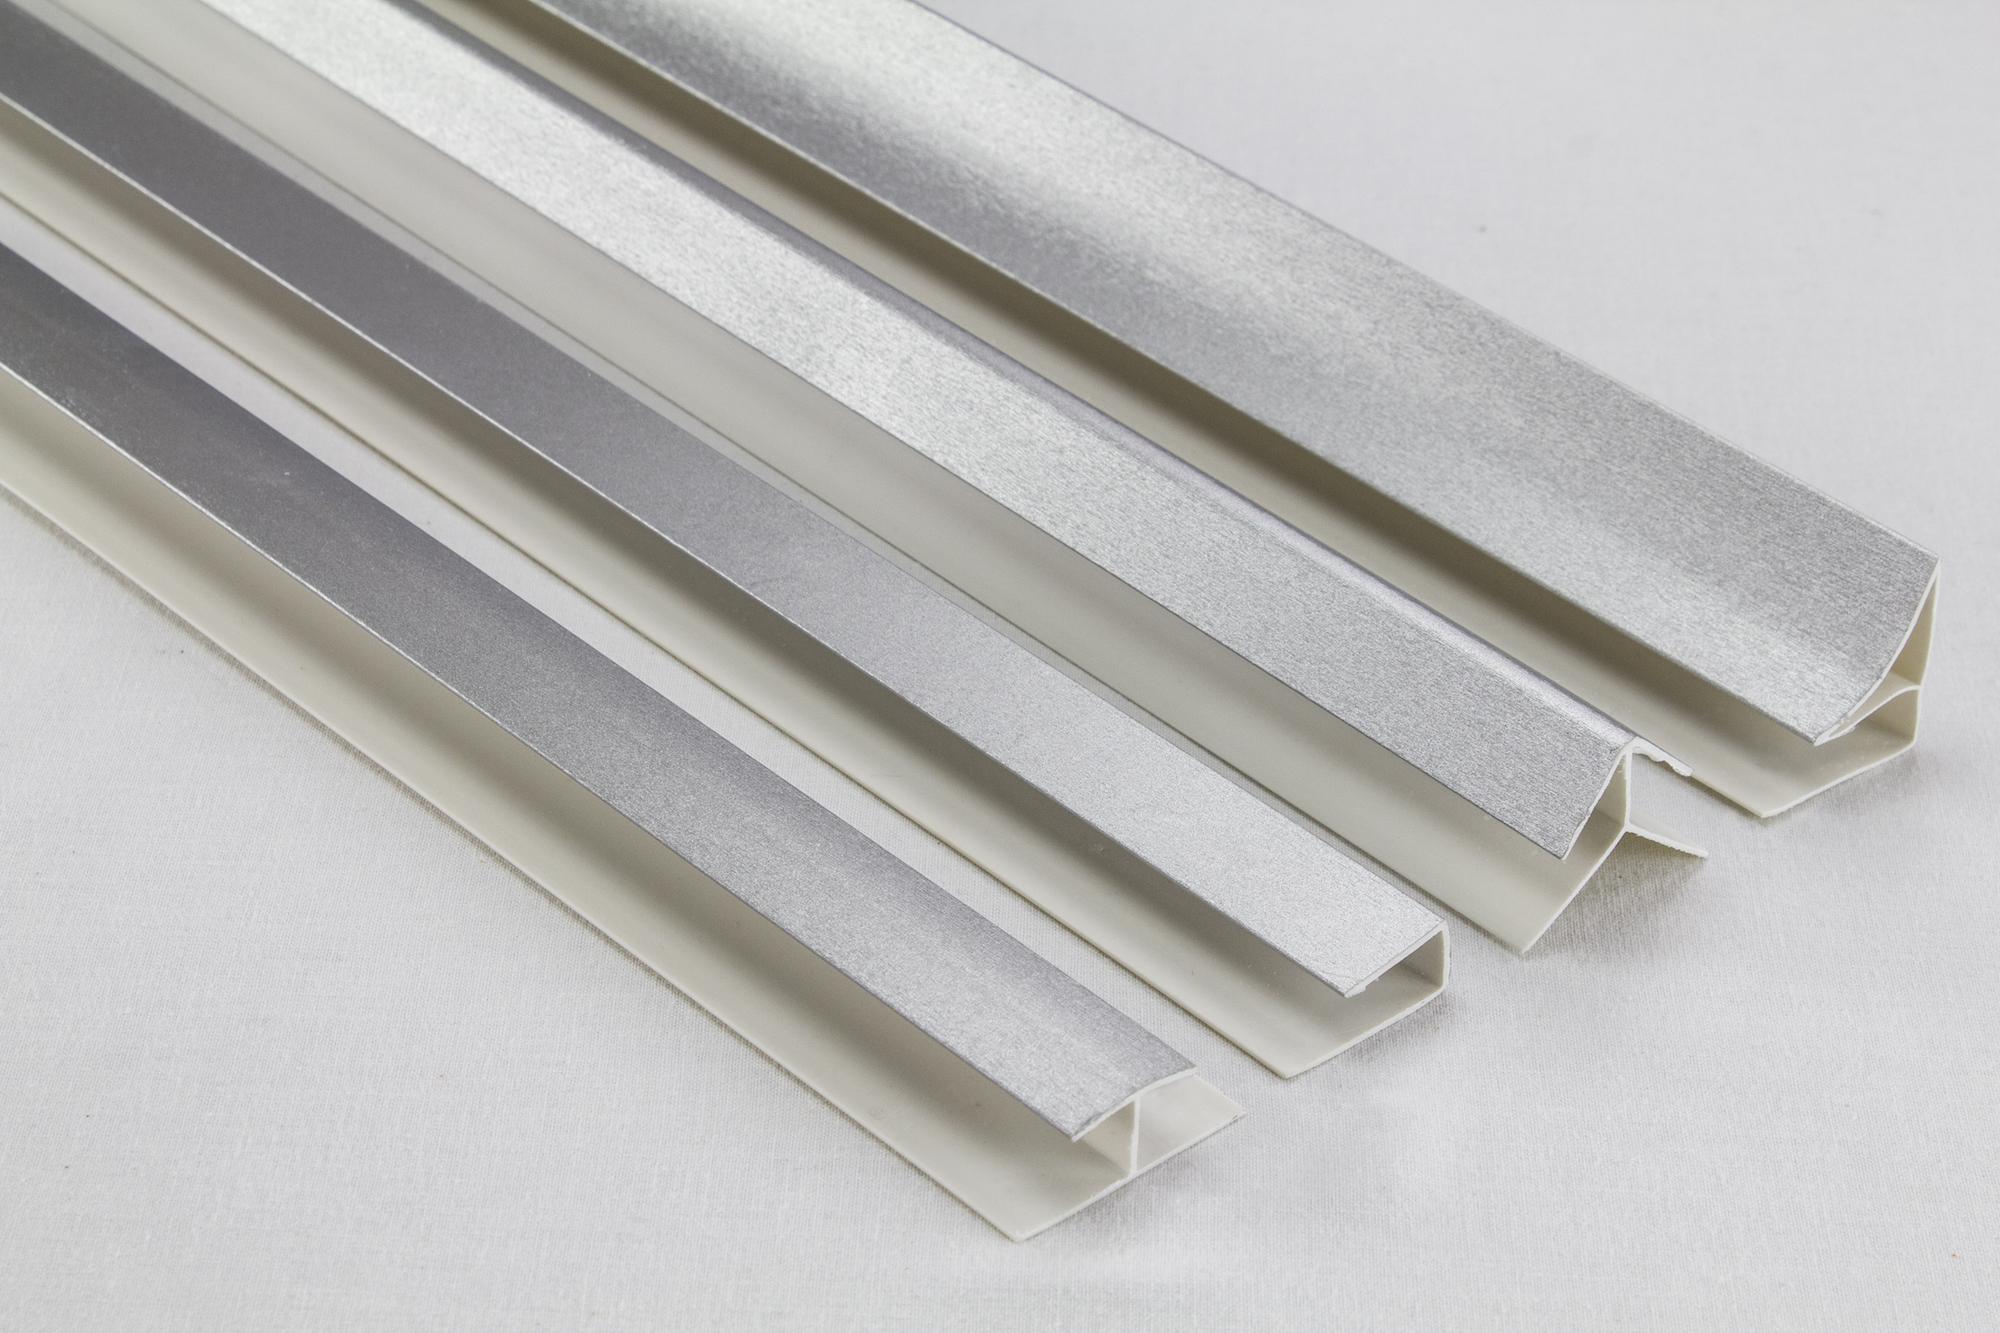 Zubeh r f r pvc paneele deckenpaneele wandpaneele innen platten 98 08 ebay - Wandpaneele kunststoff innen ...